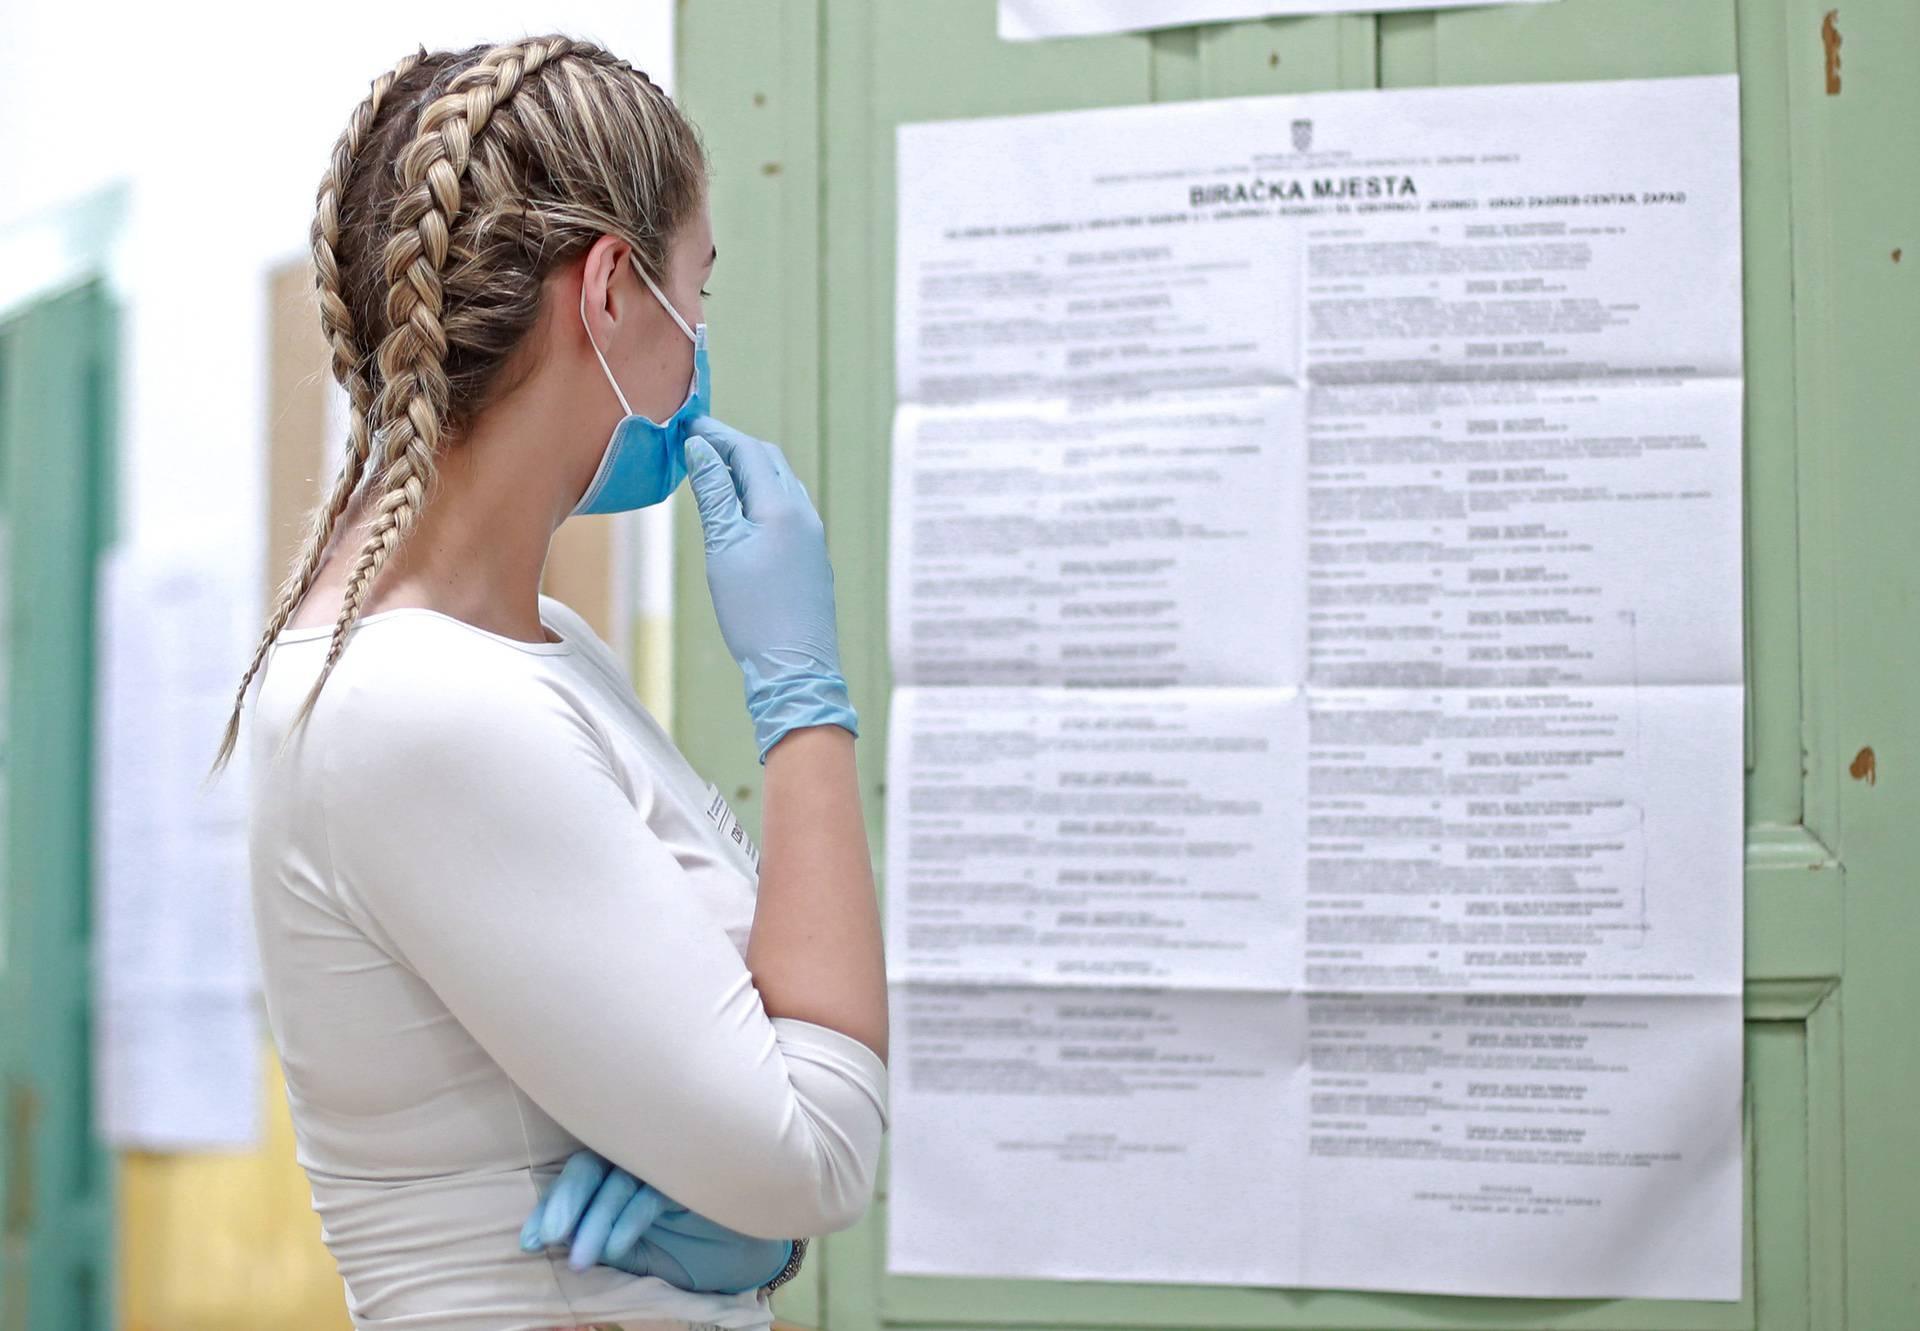 Većina građana je savjesna, na glasanje nose  maske i rukavice